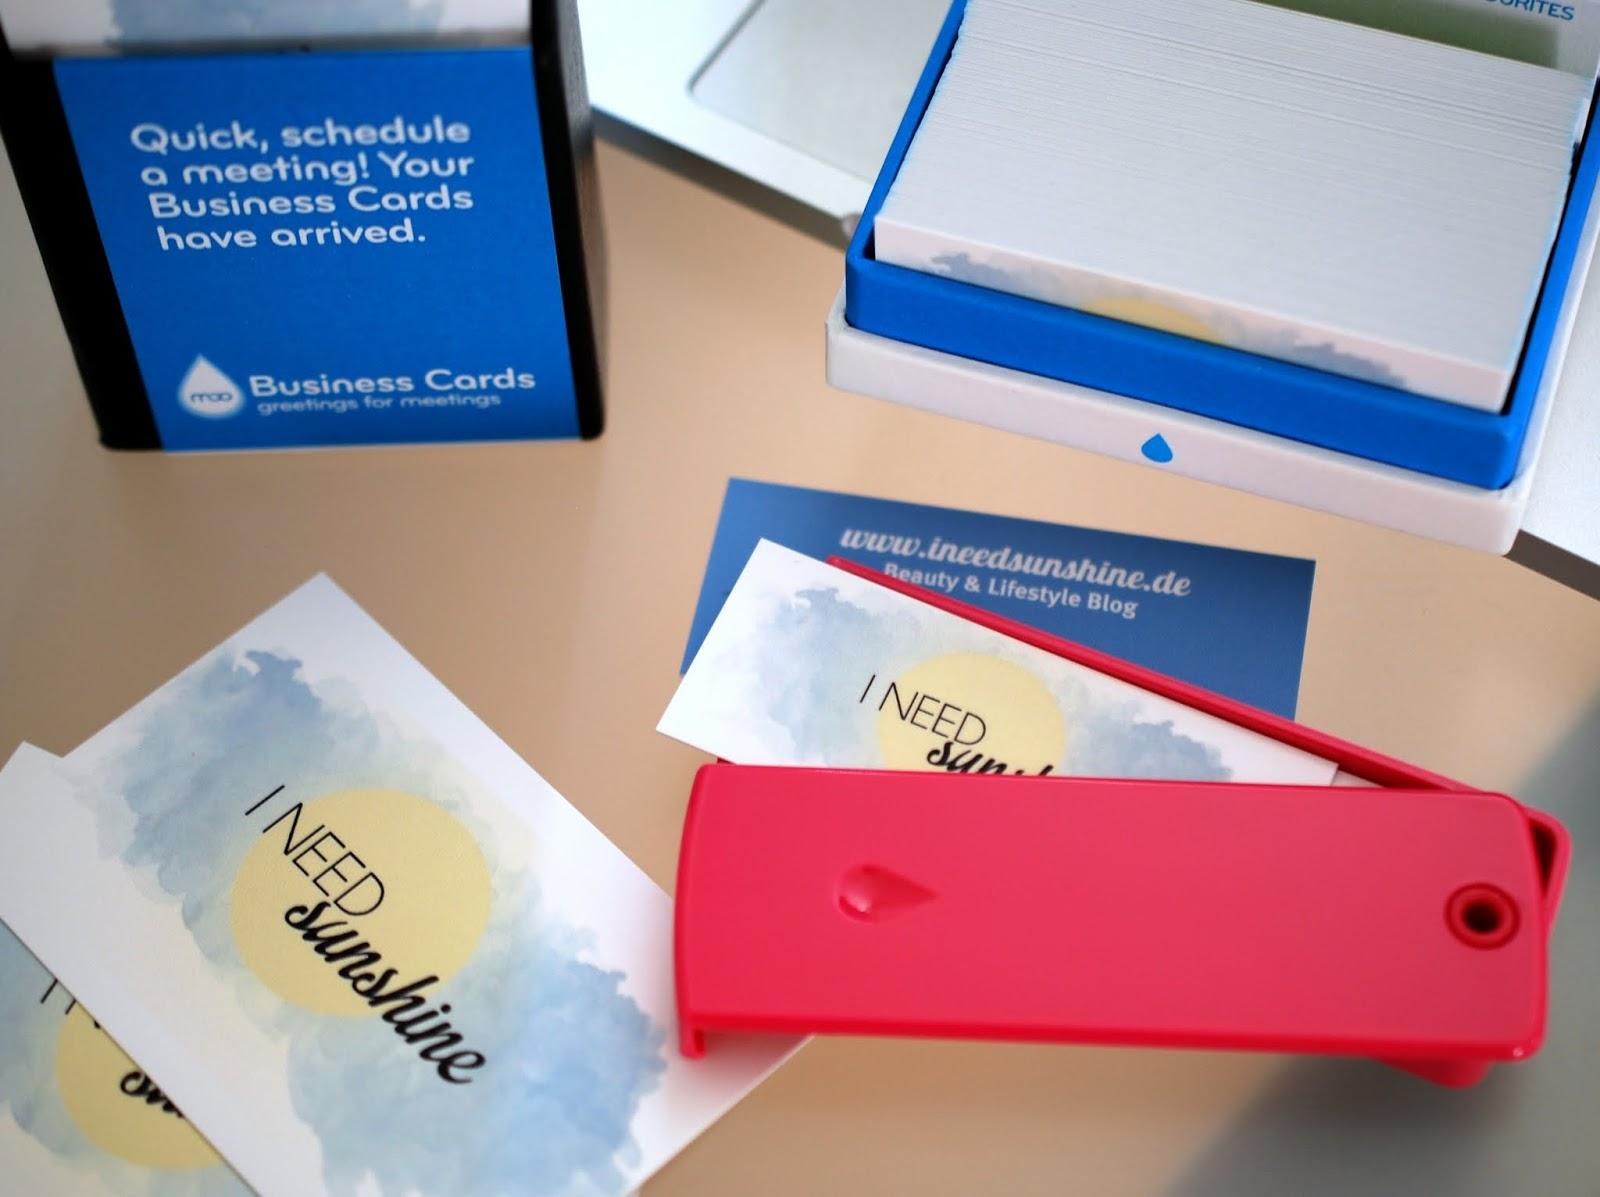 Braucht man Visitenkarten für den Blog und was sollte draufstehen?